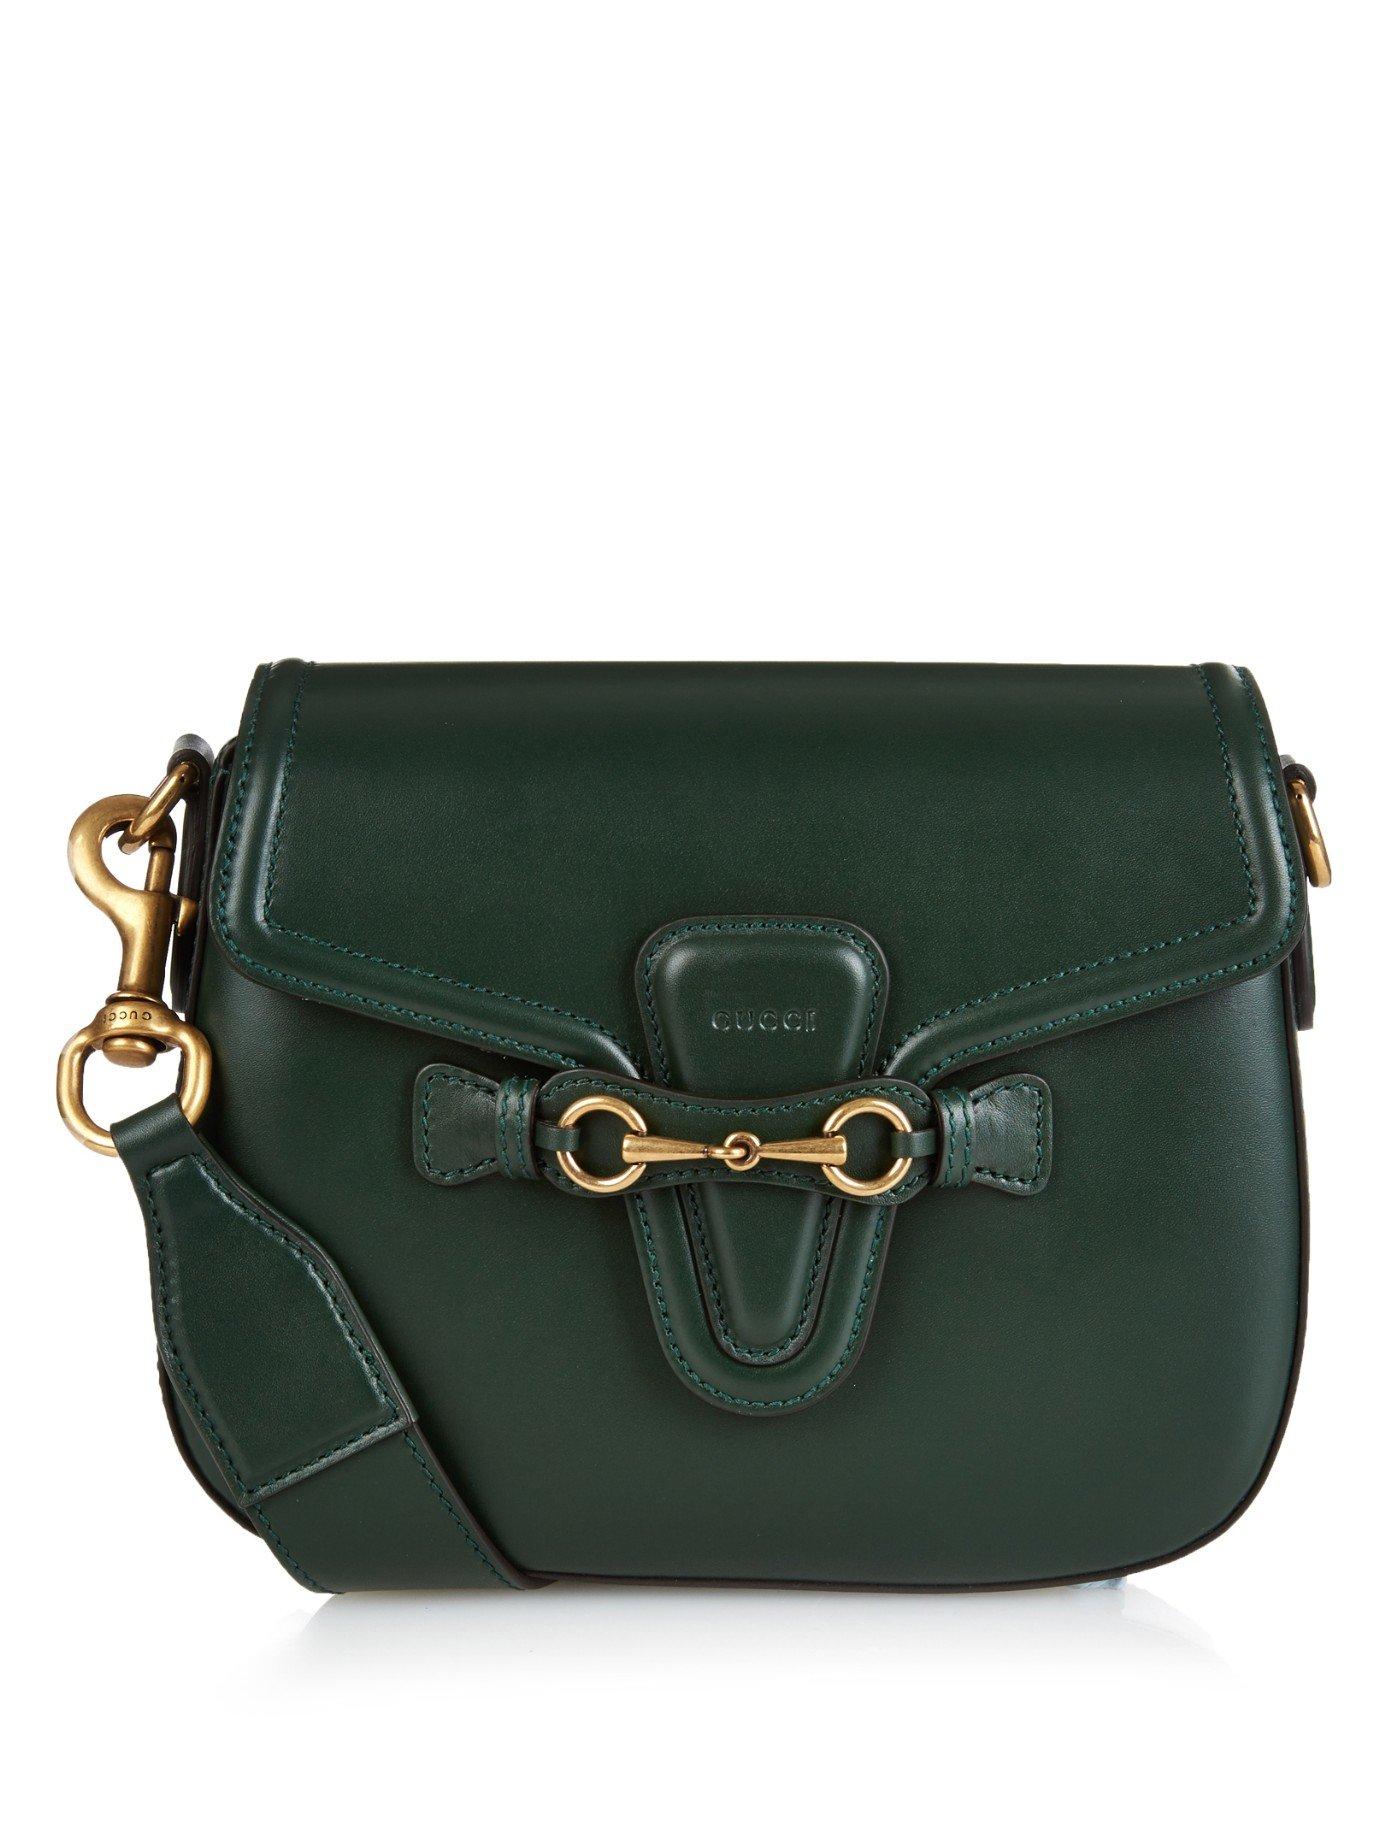 6f28303db43 Lyst - Gucci Lady Web Medium Leather Cross-body Bag in Green